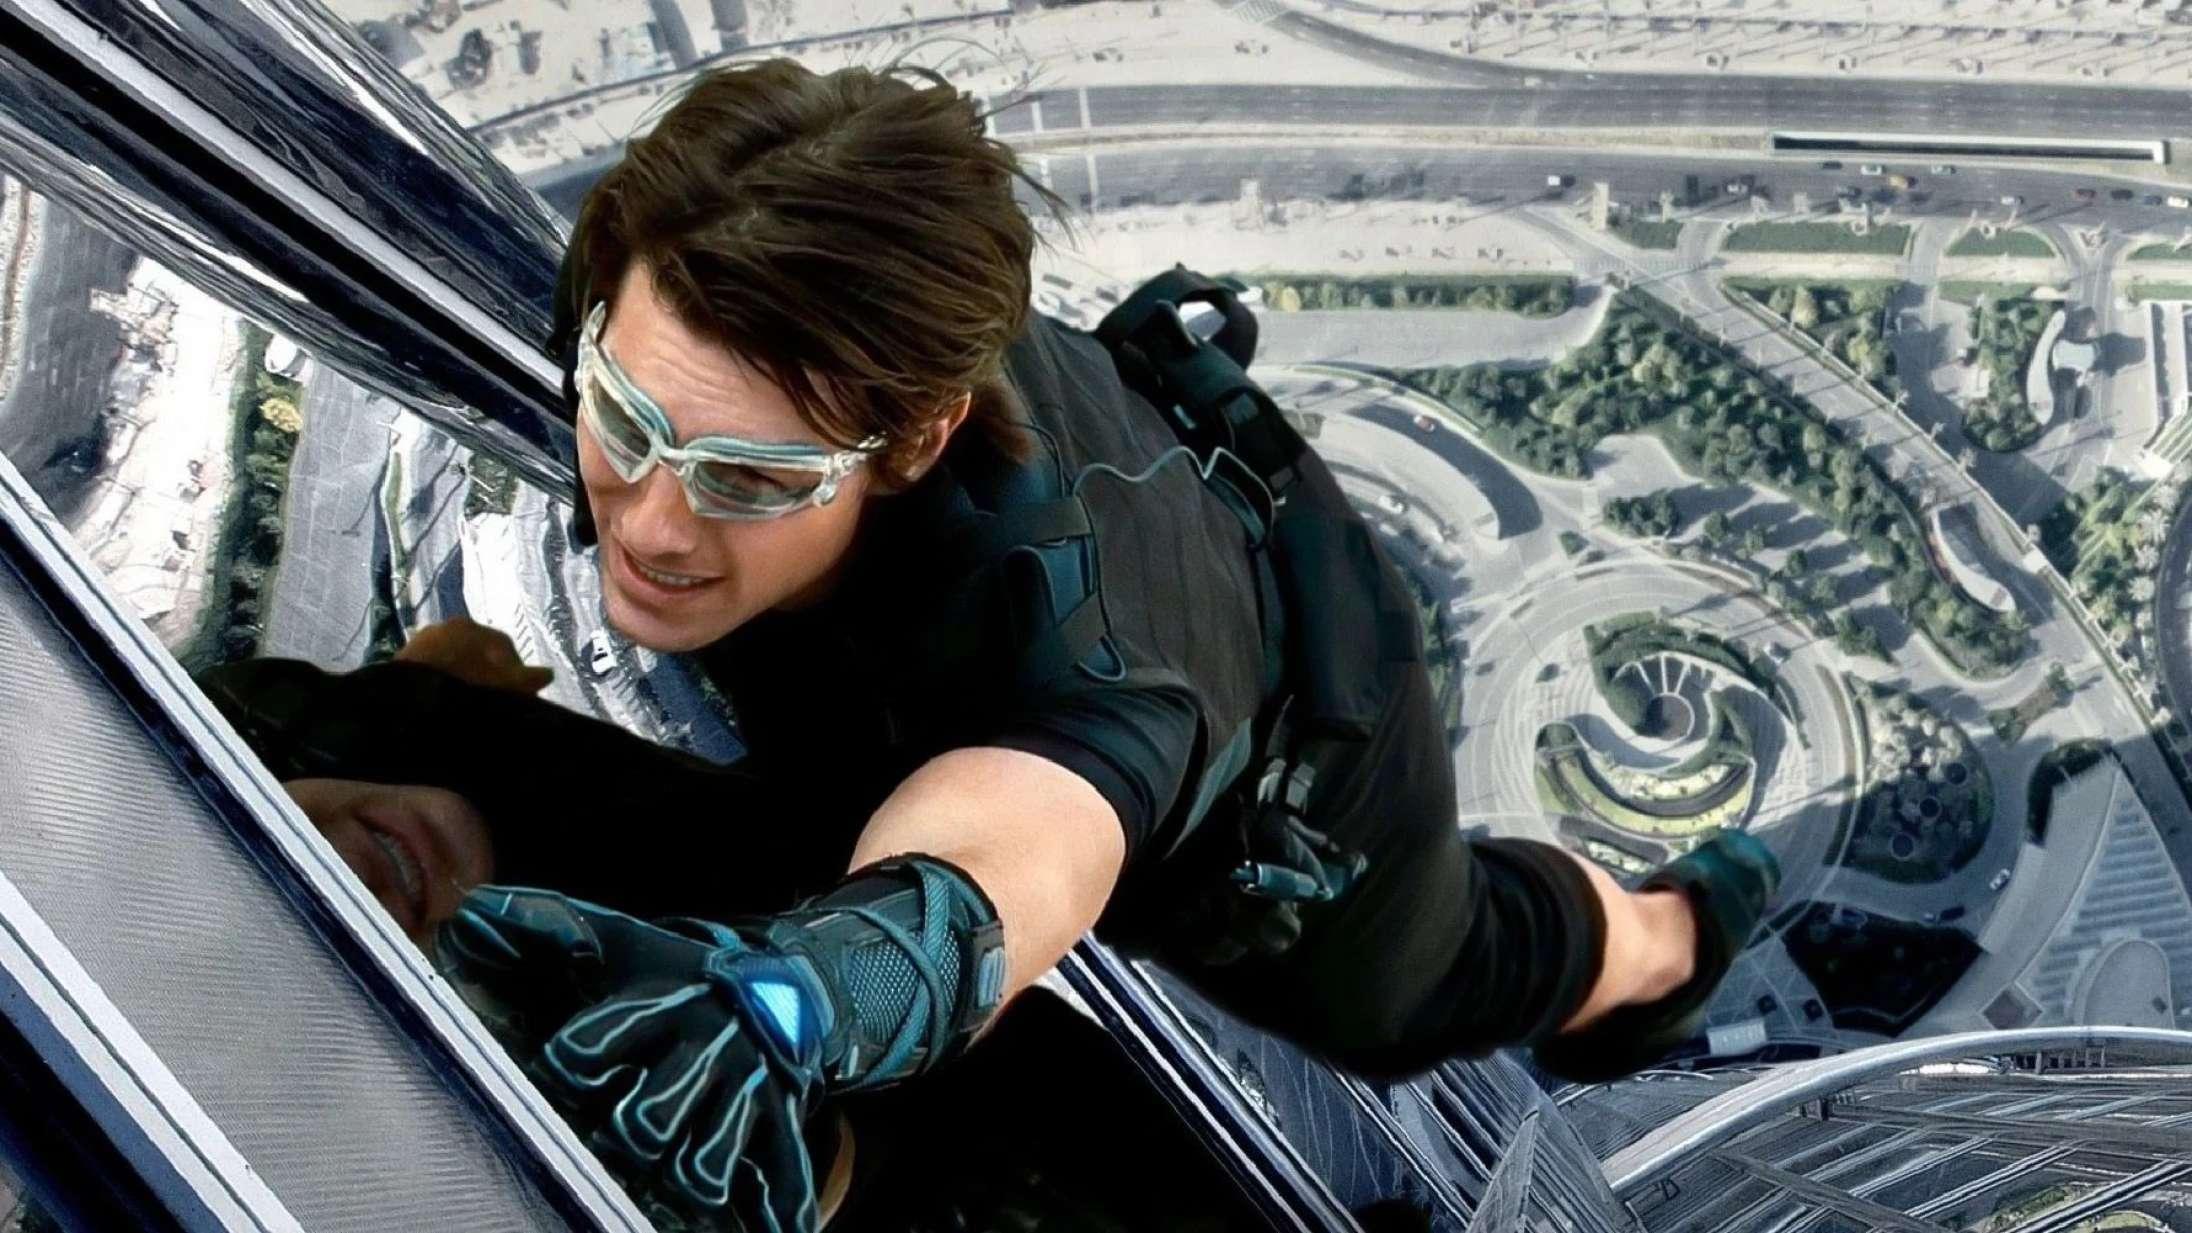 'Mission: Impossible' fylder 25: Vi rangerer filmseriens 10 bedste scener